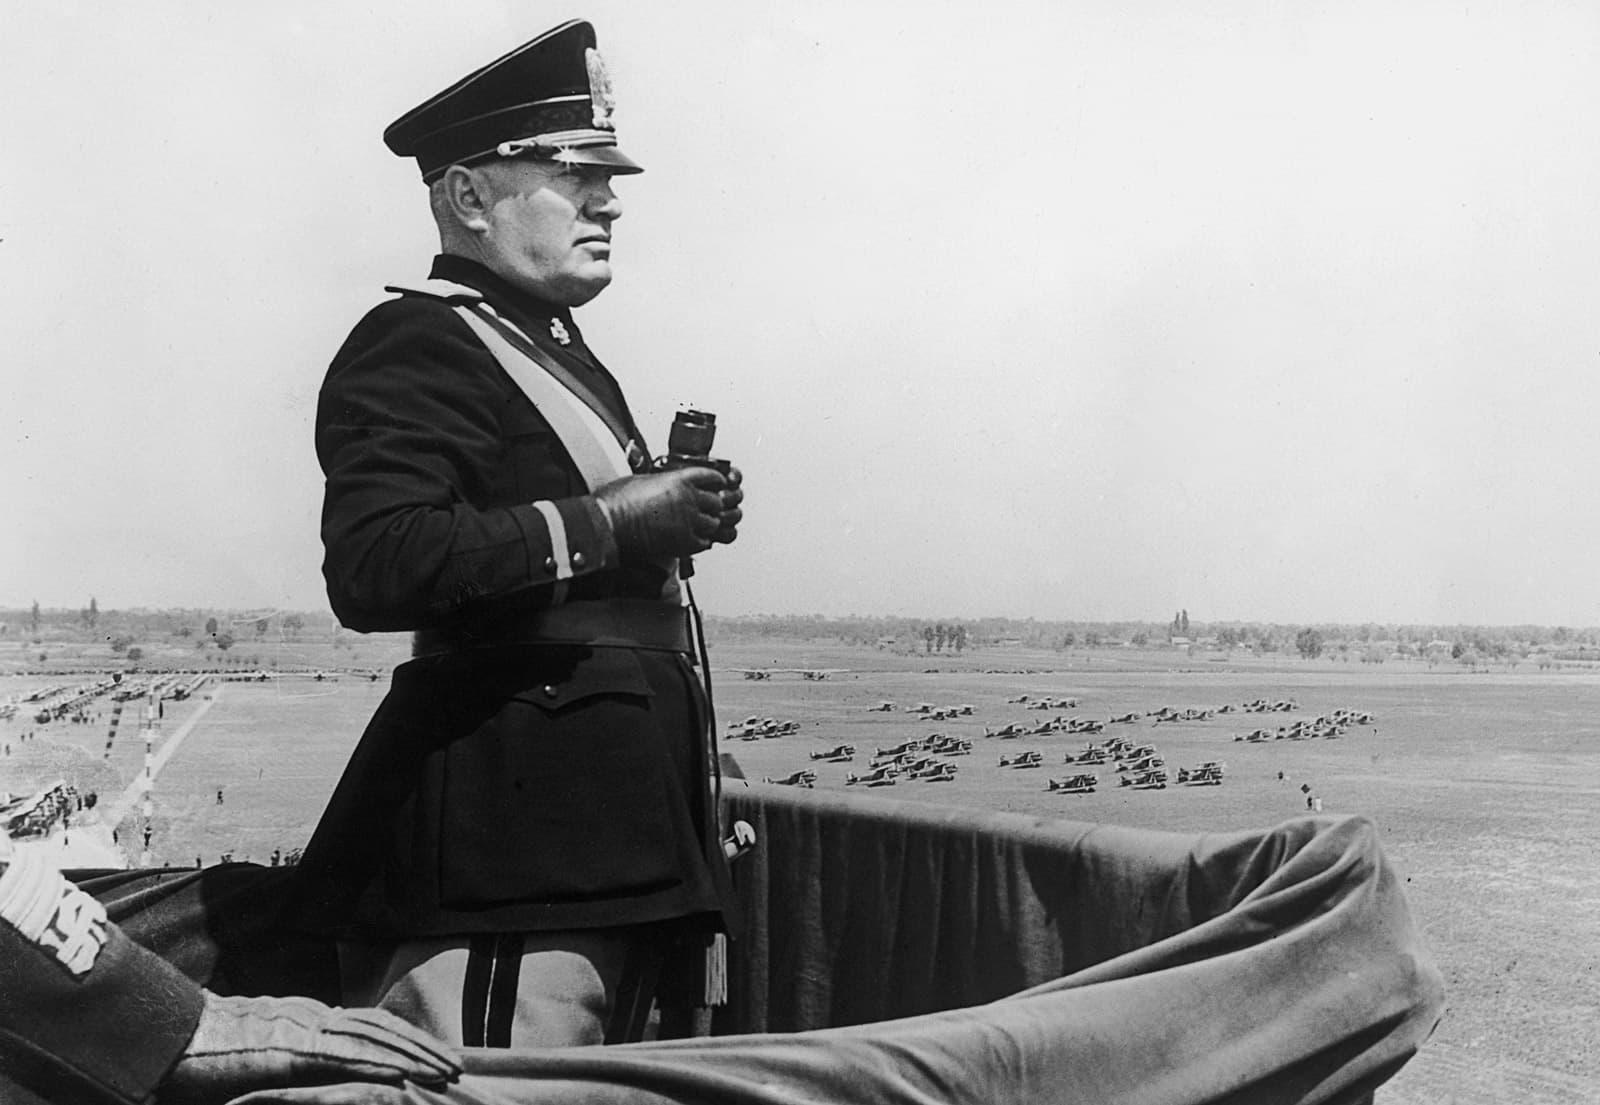 Benito Mussolini en una visita al aeropuerto de Turín en 1939. Fotografía de Keystone / Hulton / Getty